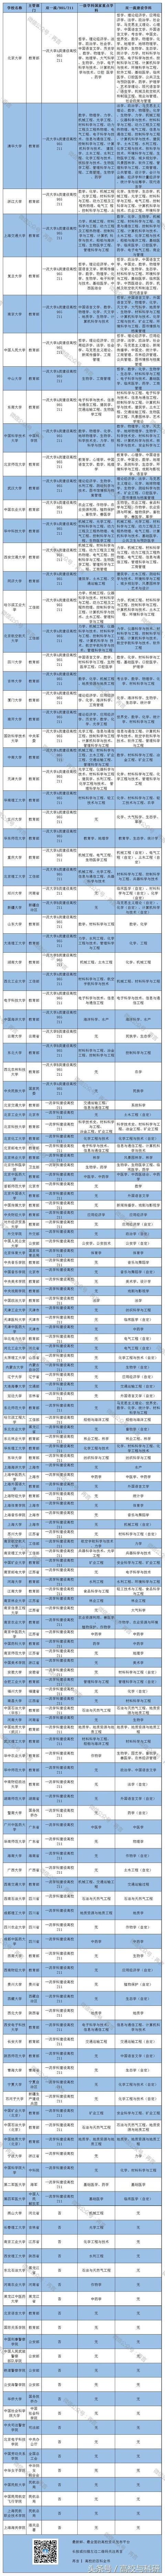 超级干货:中国所有重点大学、全部的重点专业,必须收藏!